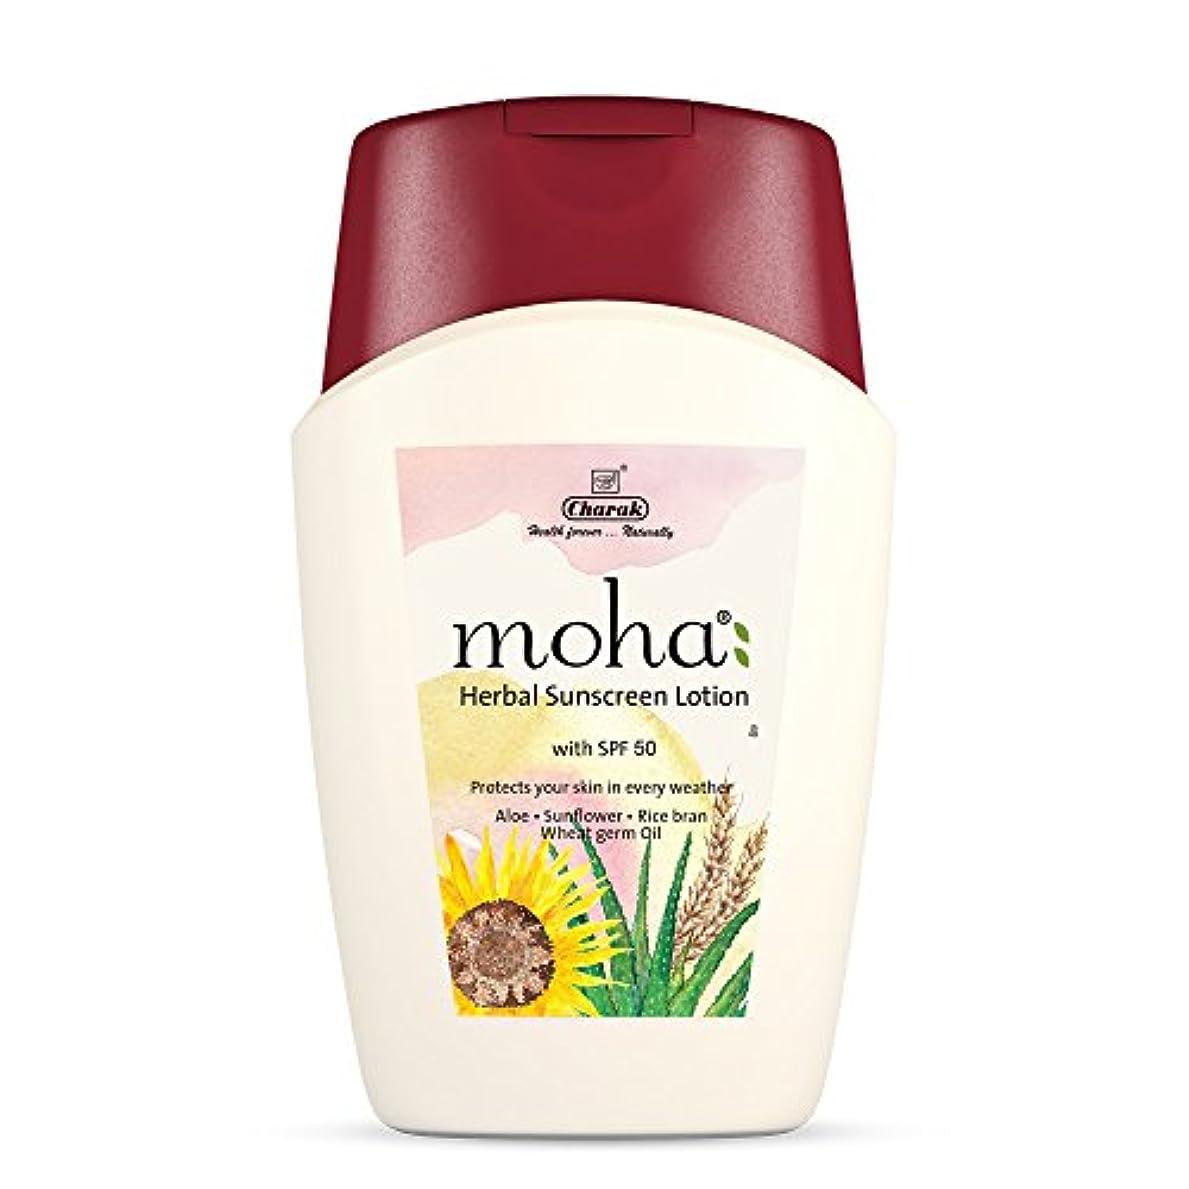 アルコールフィードオン生き物Charak Pharma Moha Herbal Sunscreen Lotion with SPF 50 (100 ml)